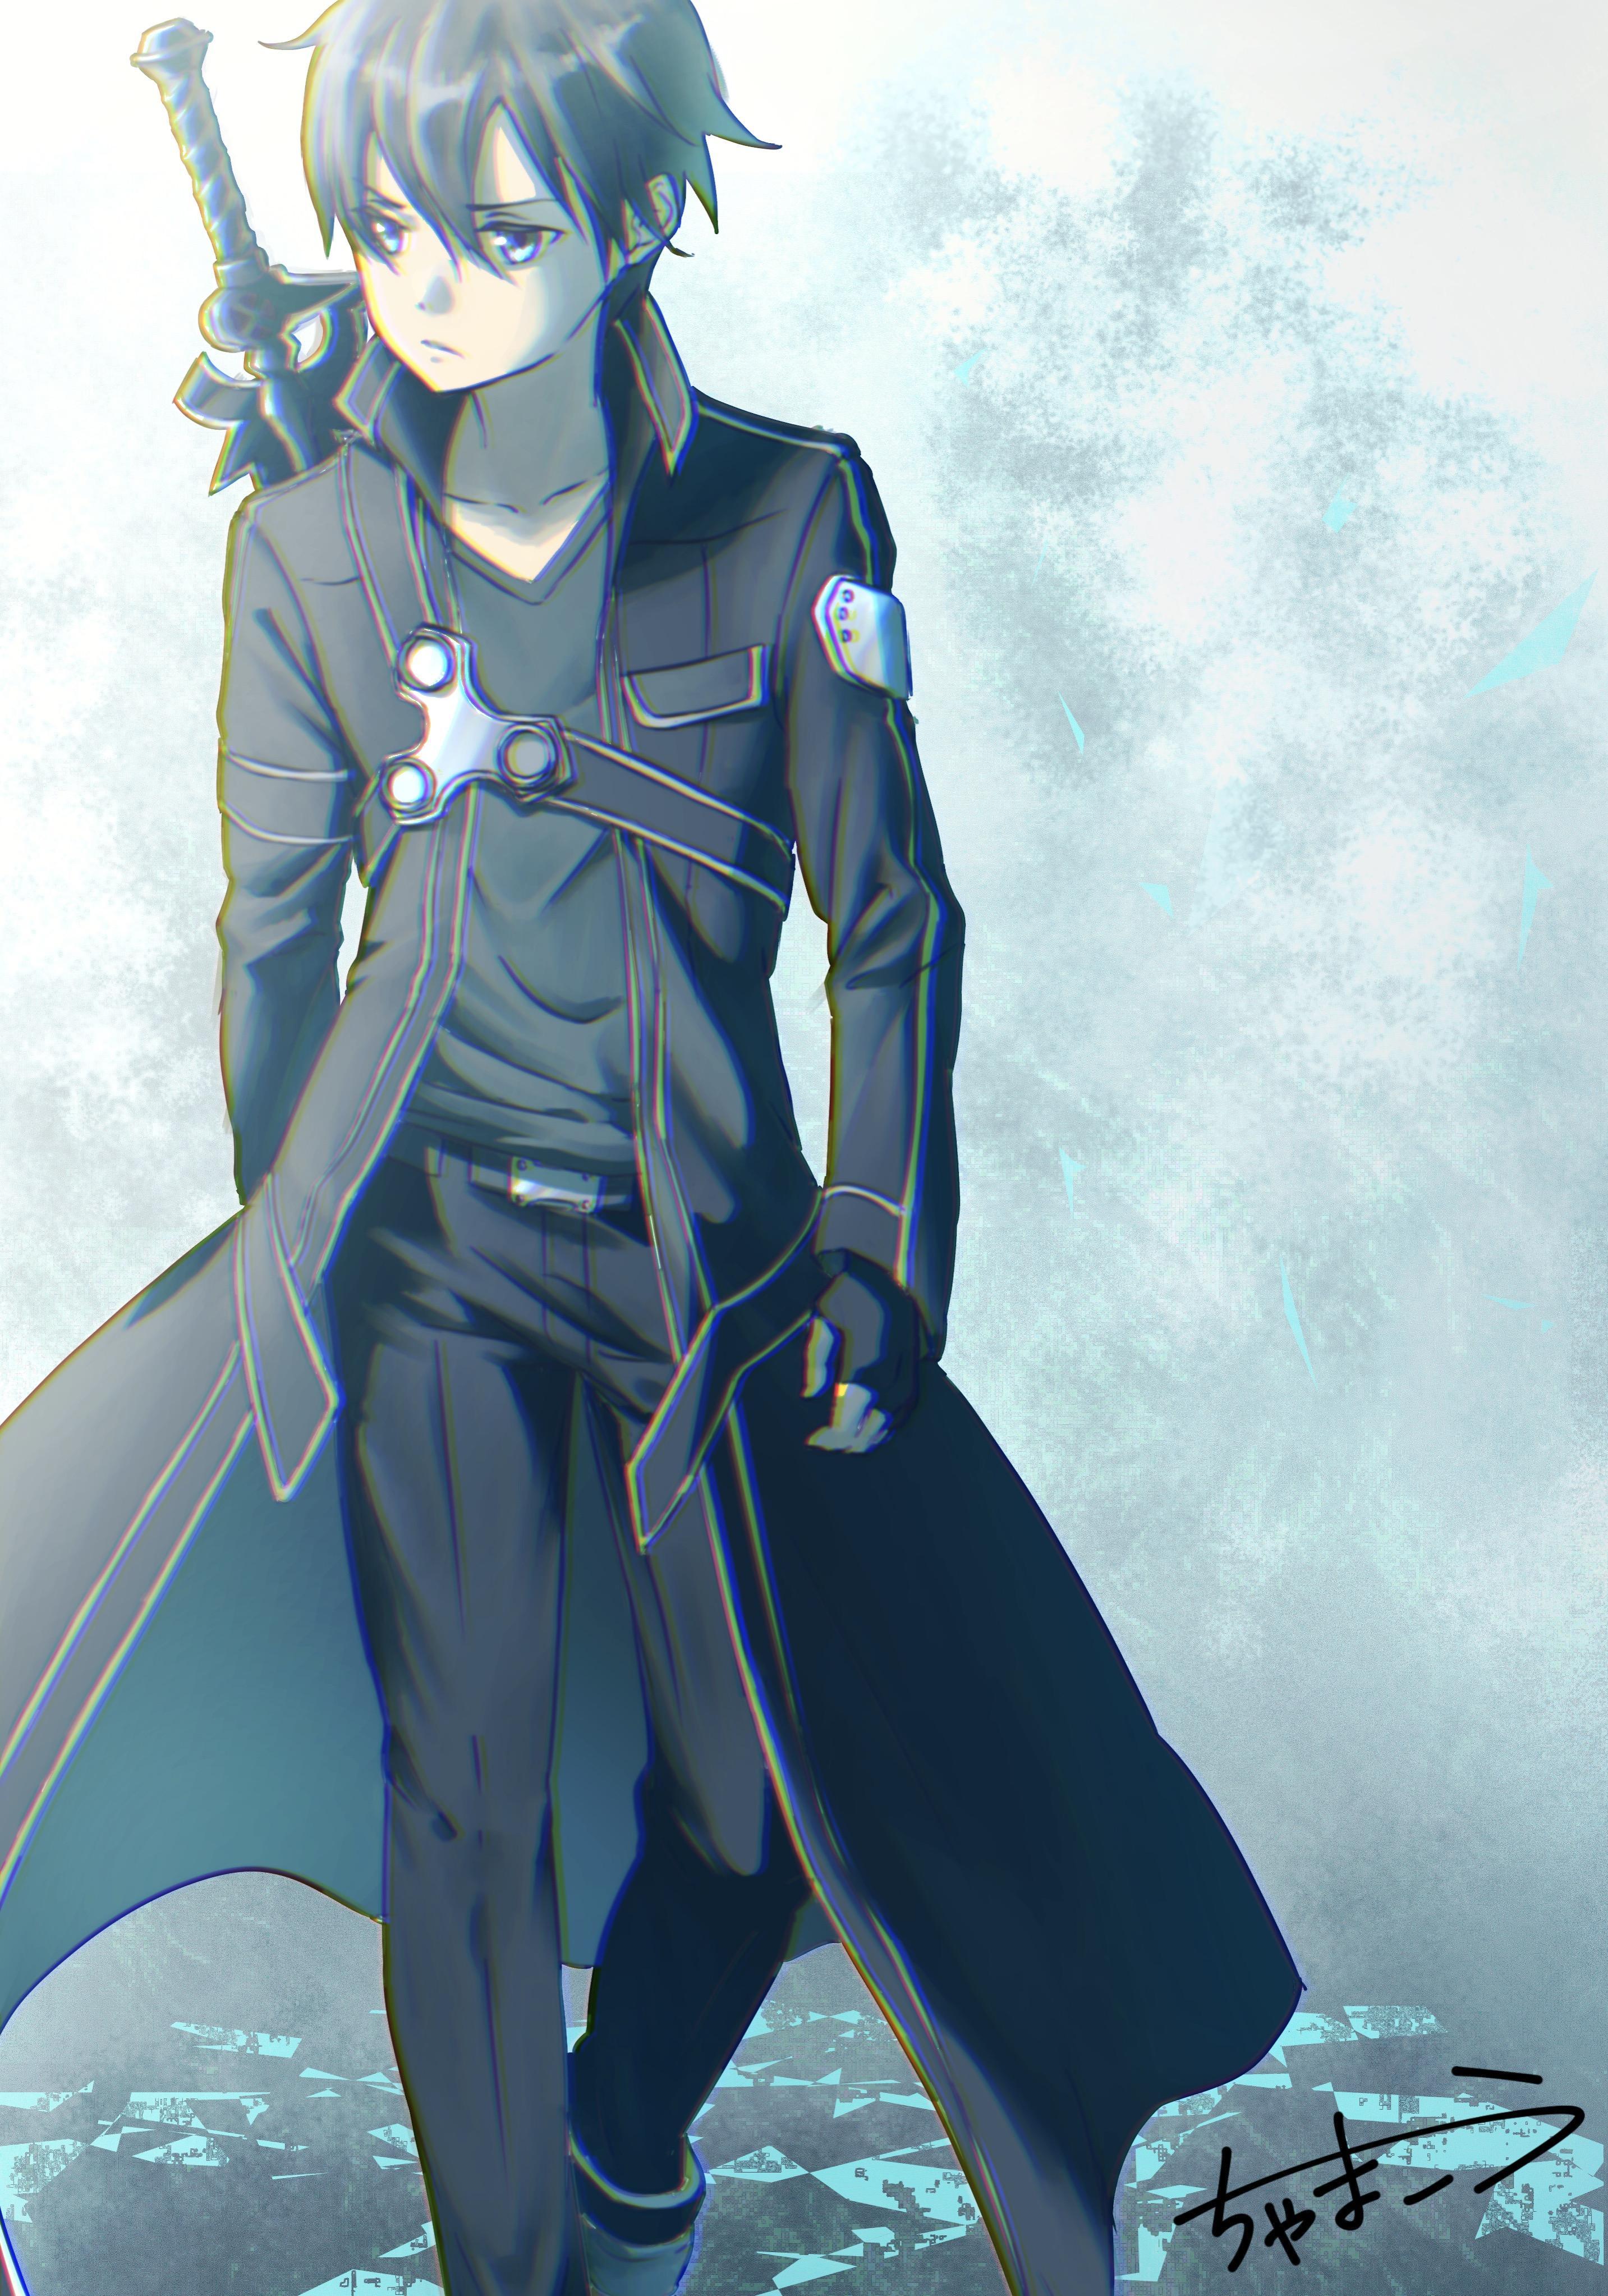 Hình Kirito áo choàng dài đeo kiếm sau lưng trông rất lãng tử